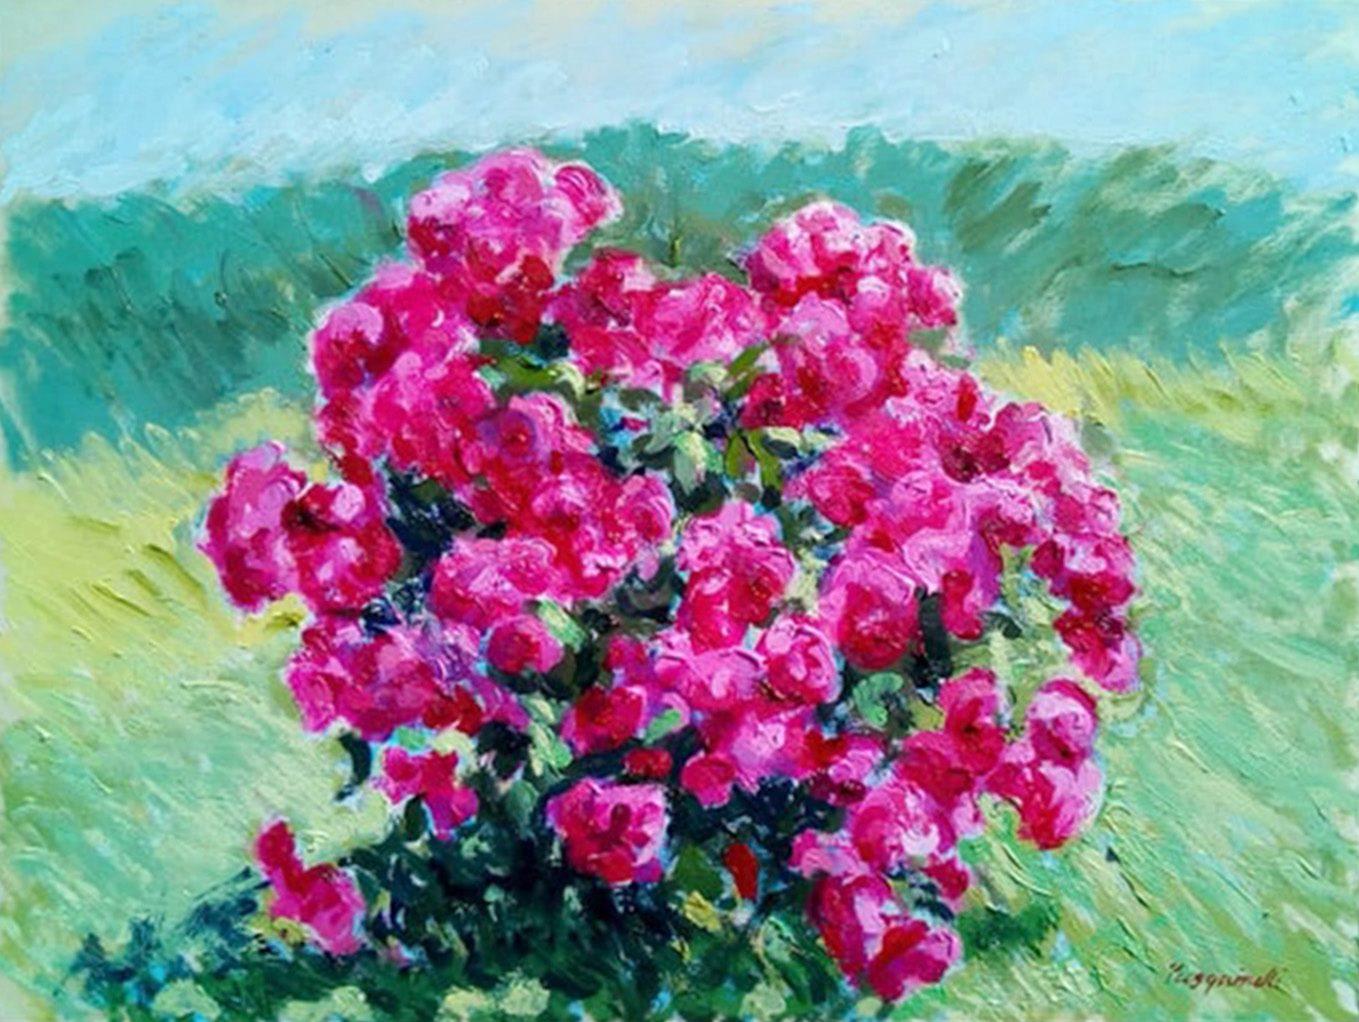 Roberto Pasquinelli – Rose